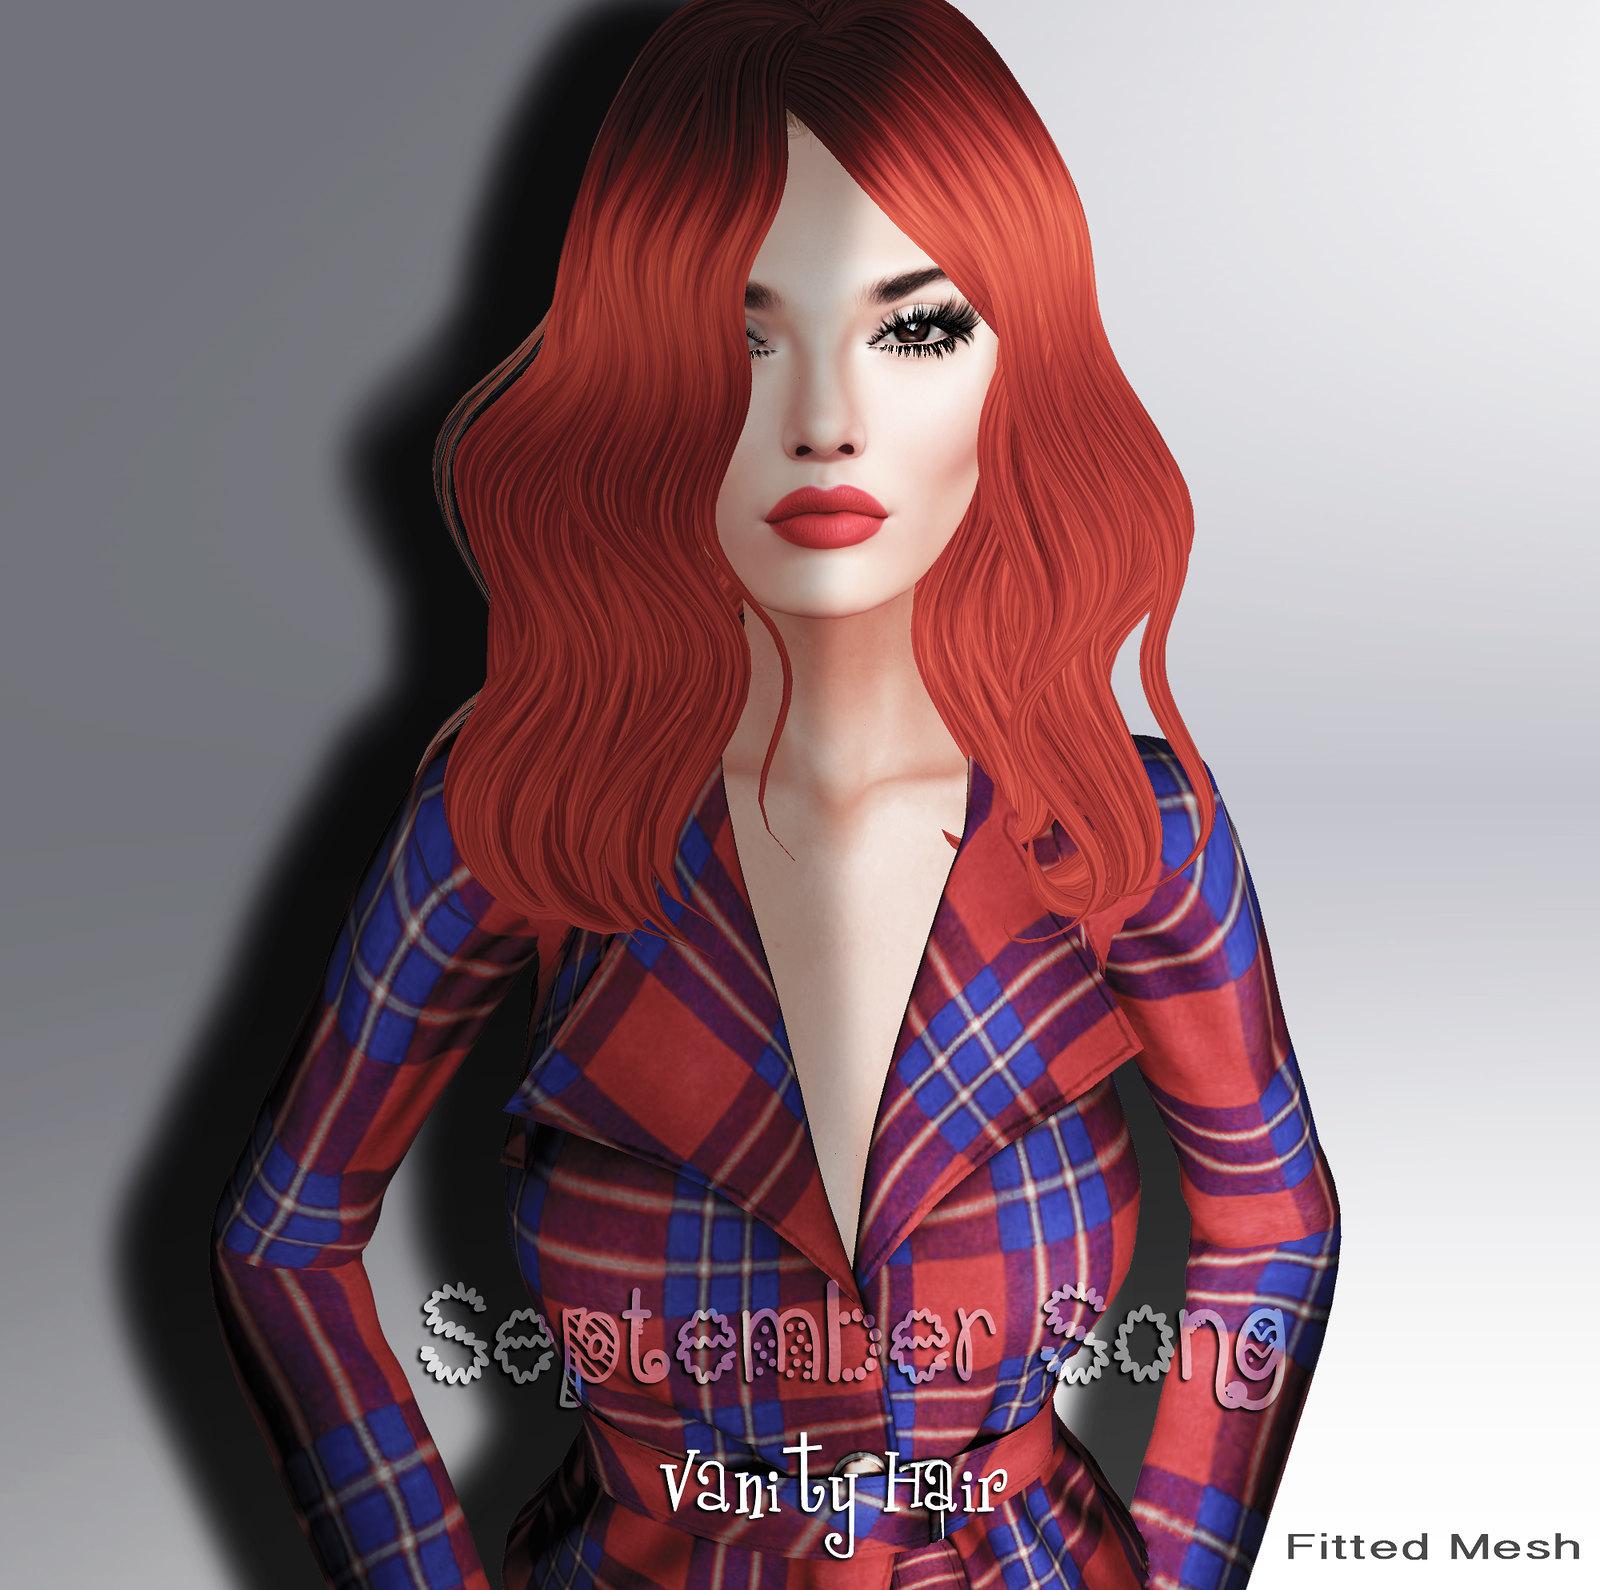 VanityHair@September Song